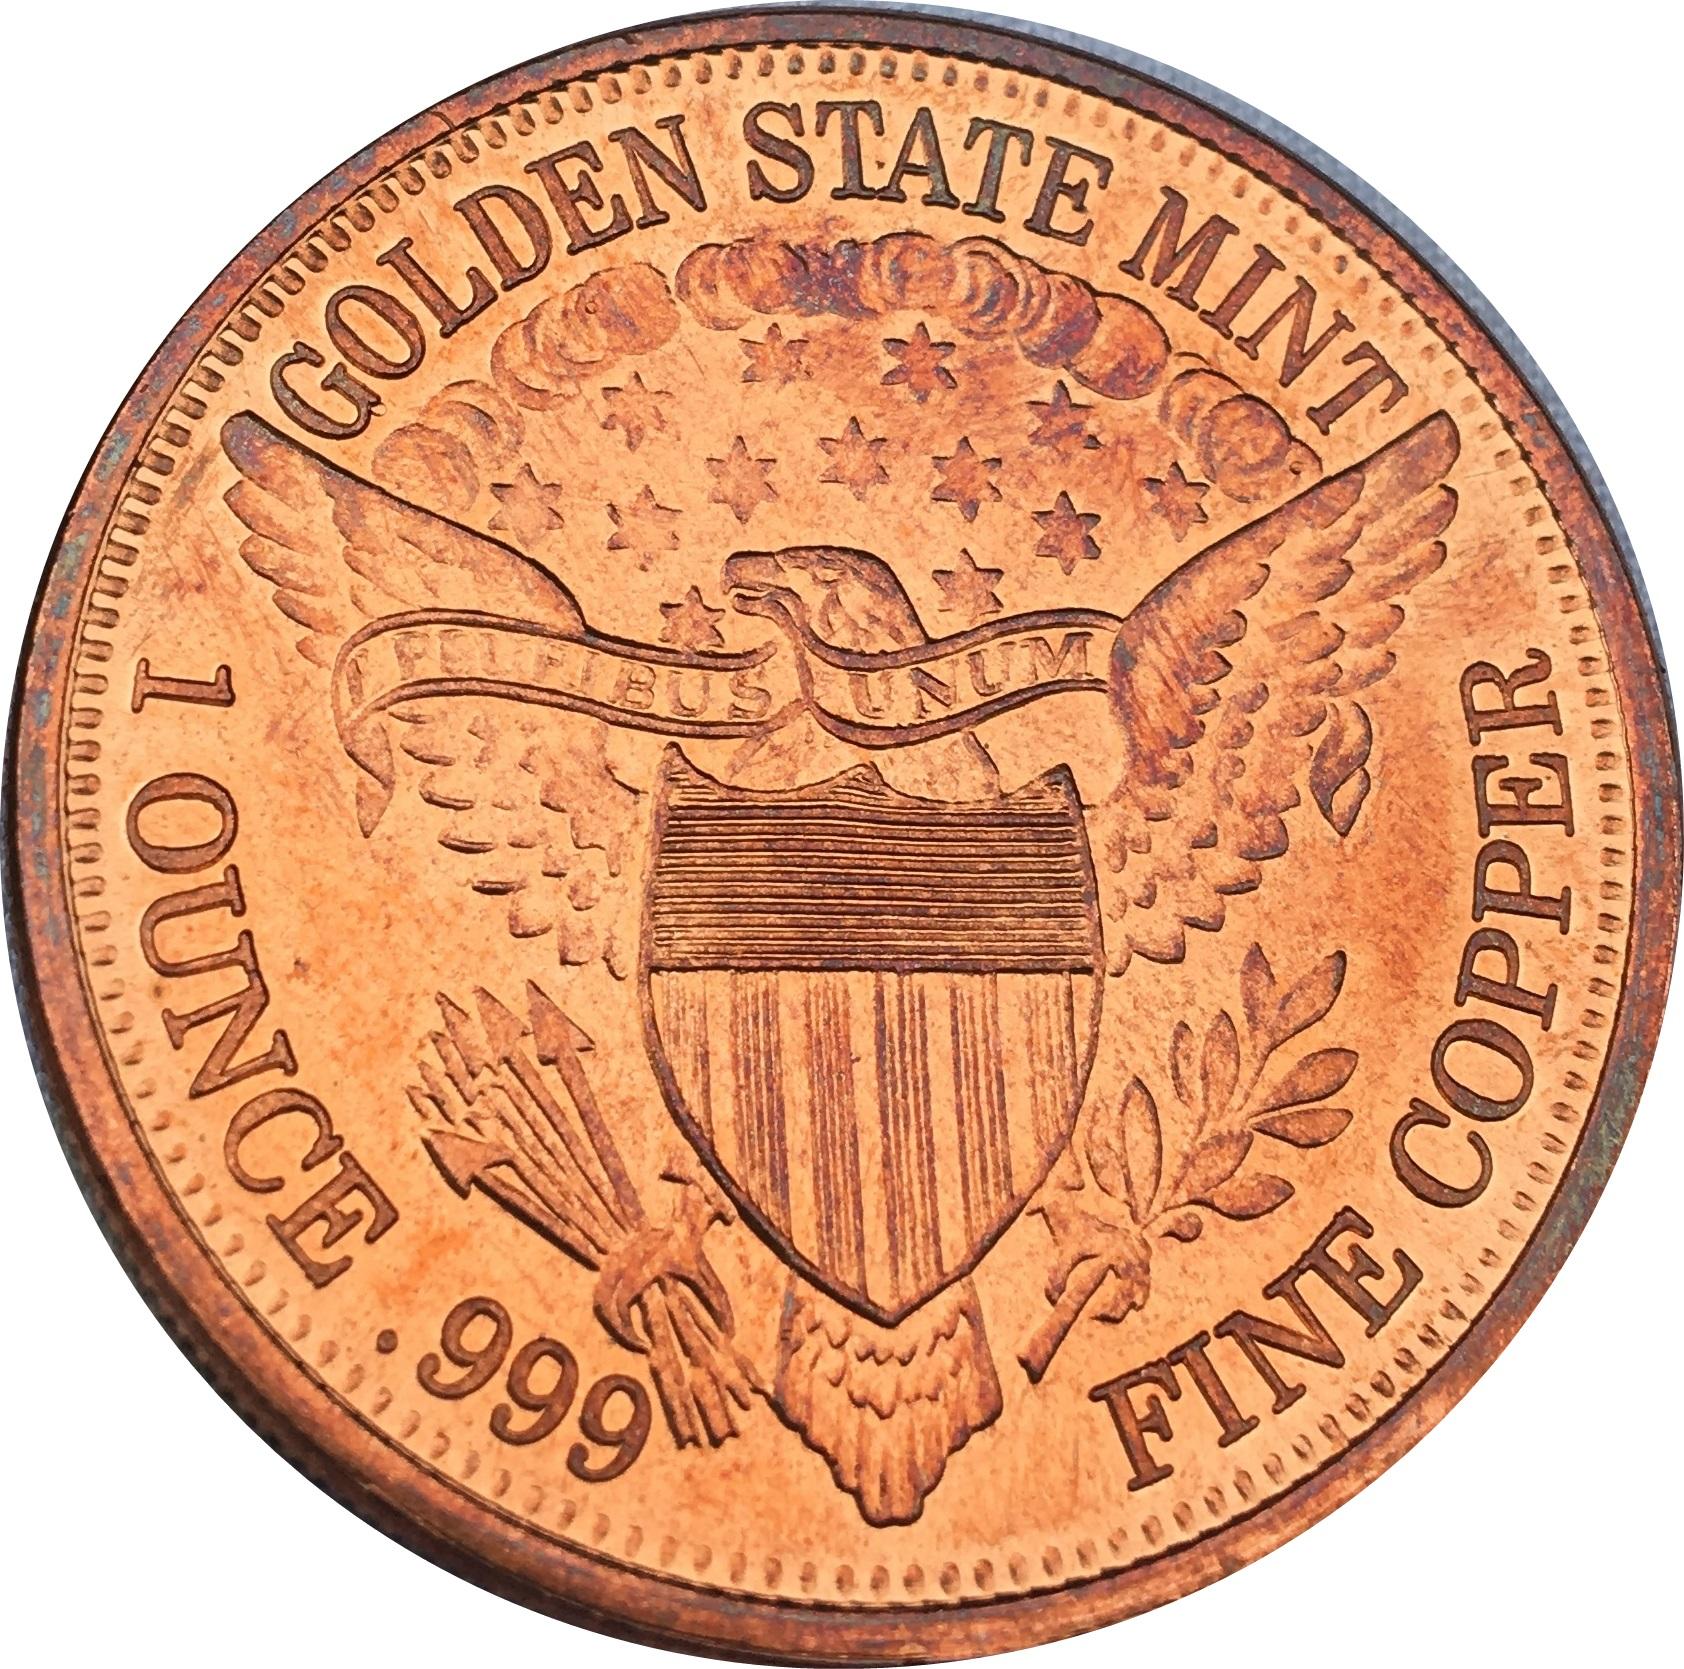 1 OZ .BU.COPPER ROUND STATUE OF LIBERTY